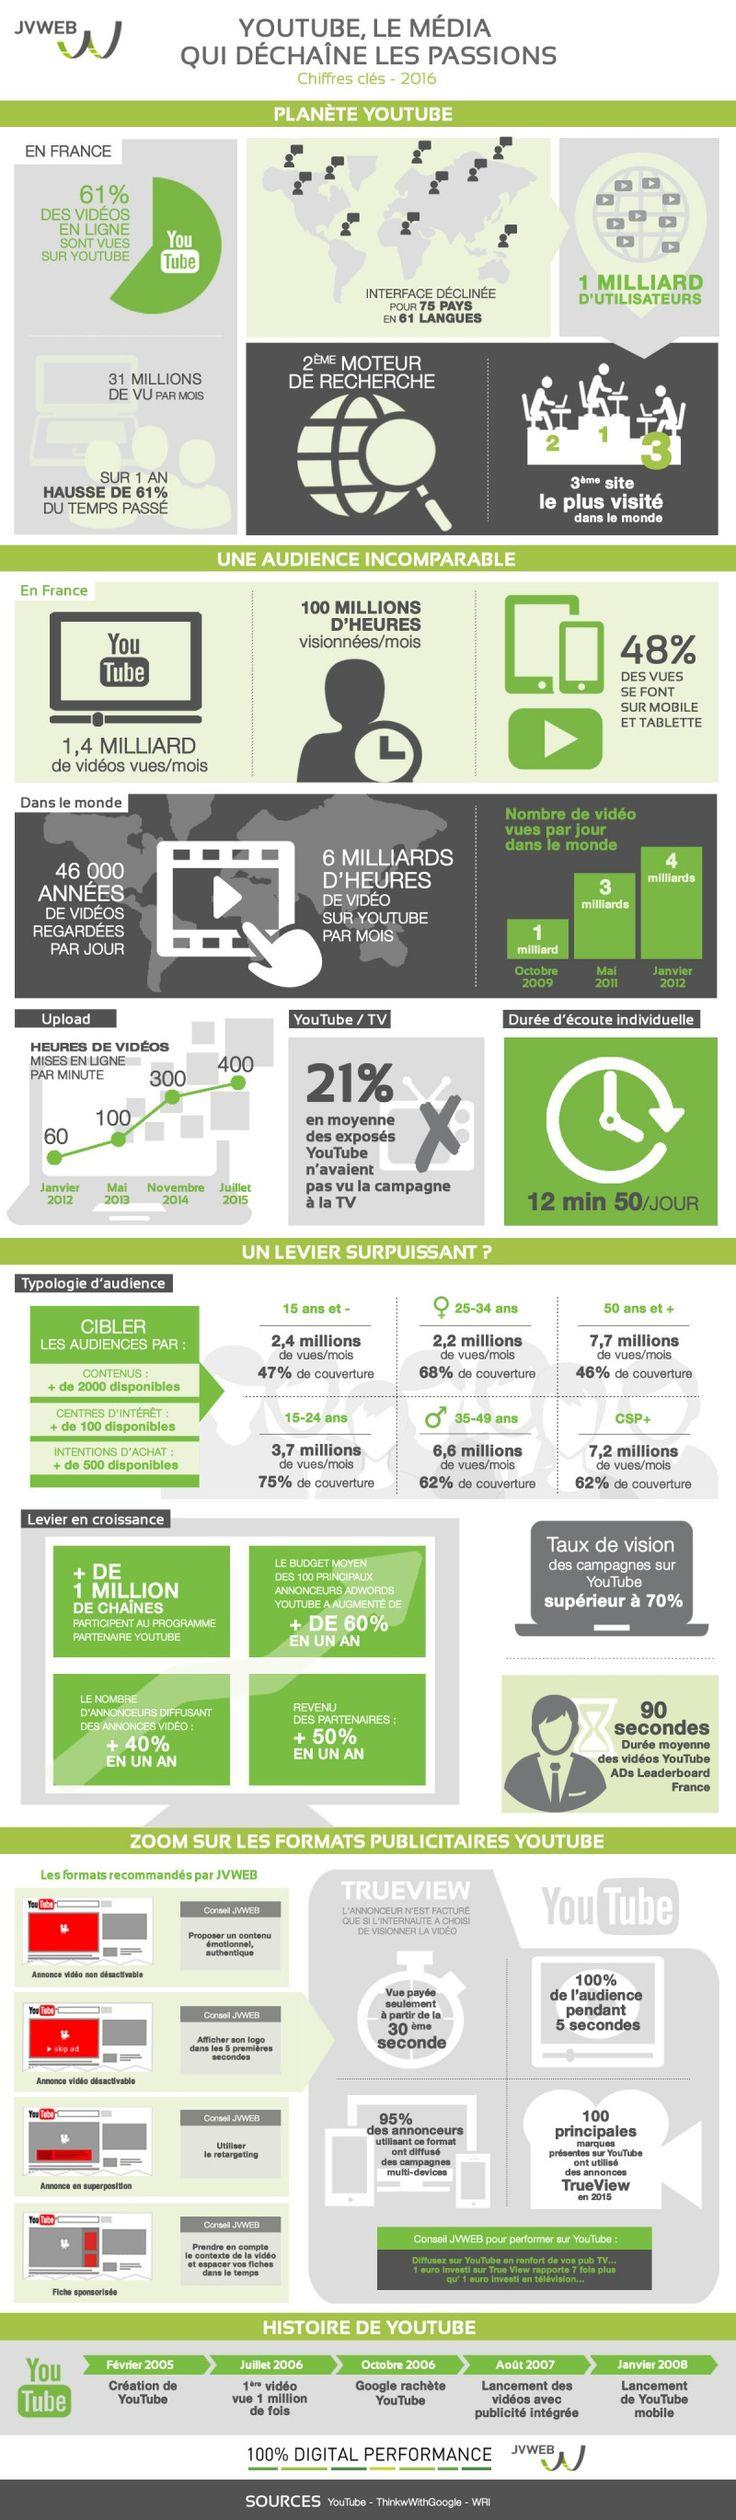 Communication digitale : les marques plébiscitent l'efficacité publicitaire de YouTube